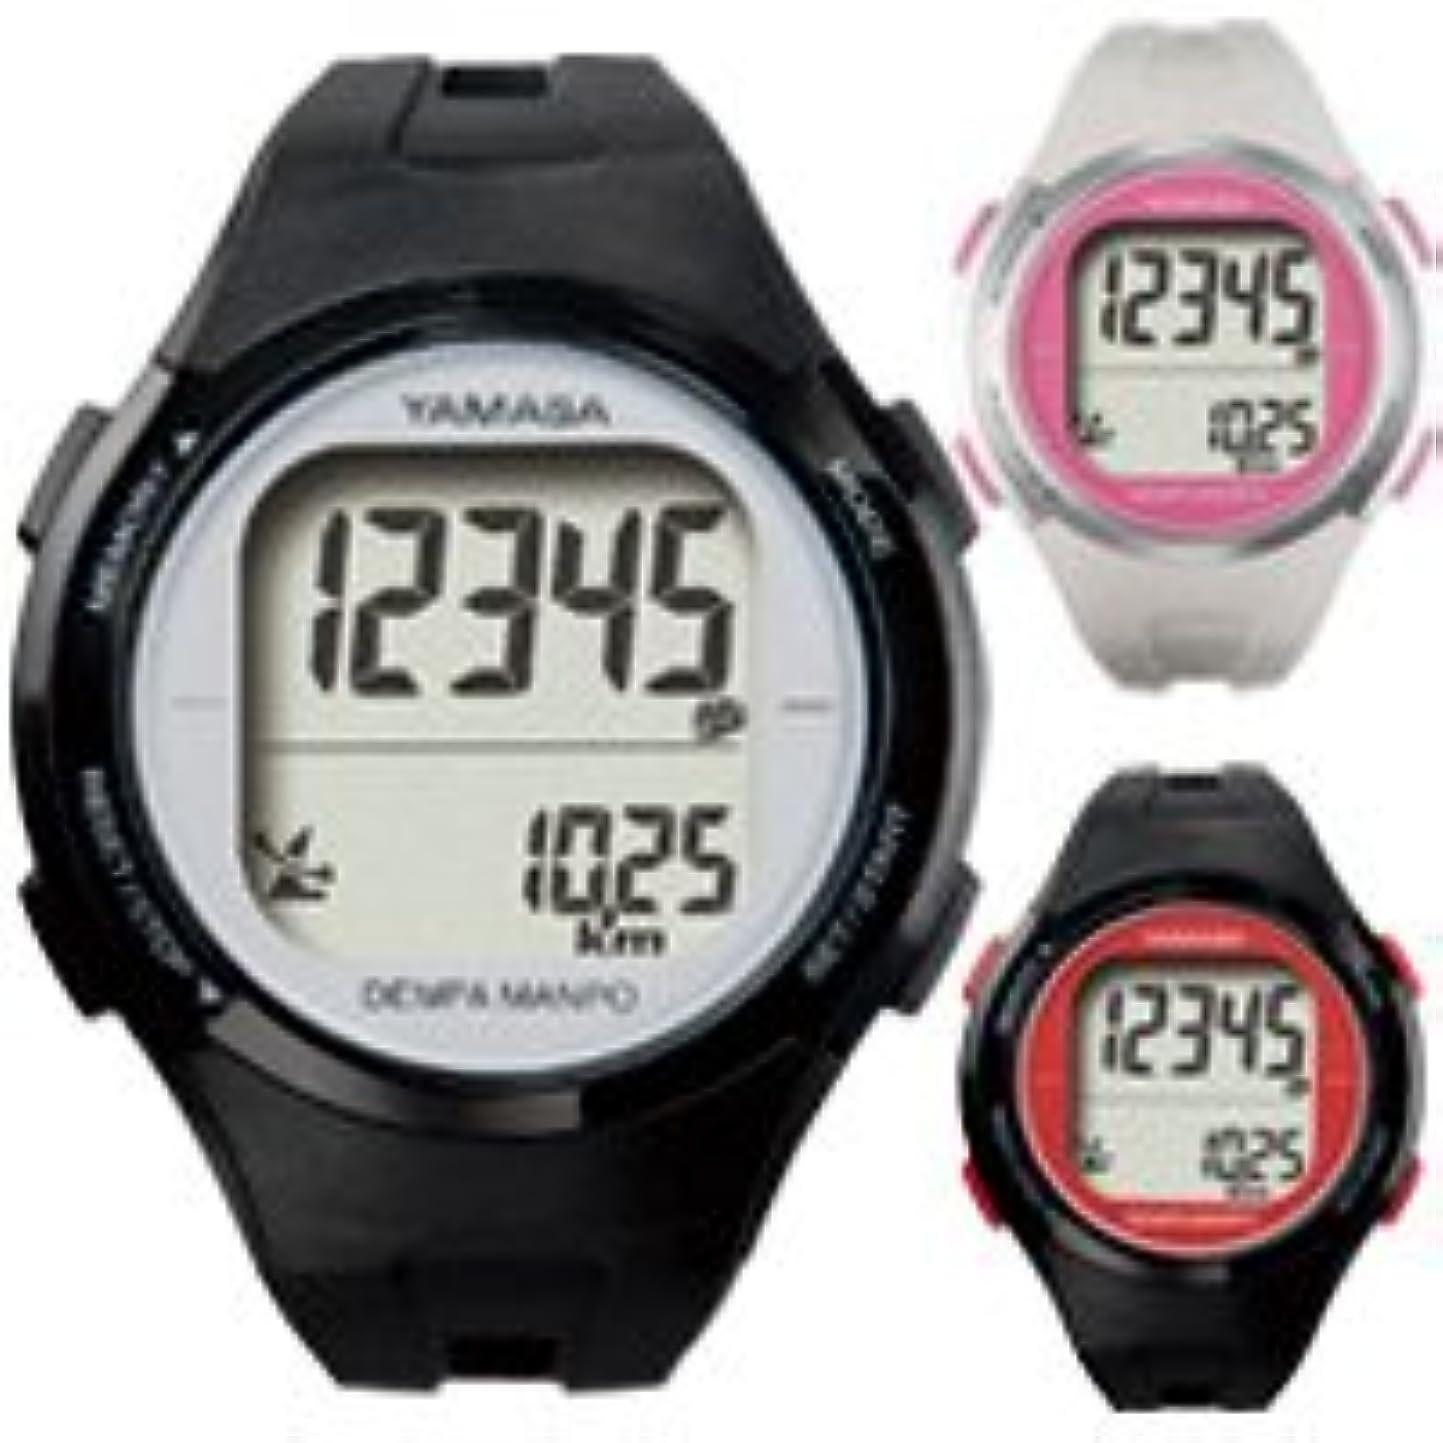 価値のない旅行者保証ウォッチ万歩計 腕時計 DEMPA MANPO[電波時計] TM-500 とけい万歩 YAMASA ブラック×シルバー